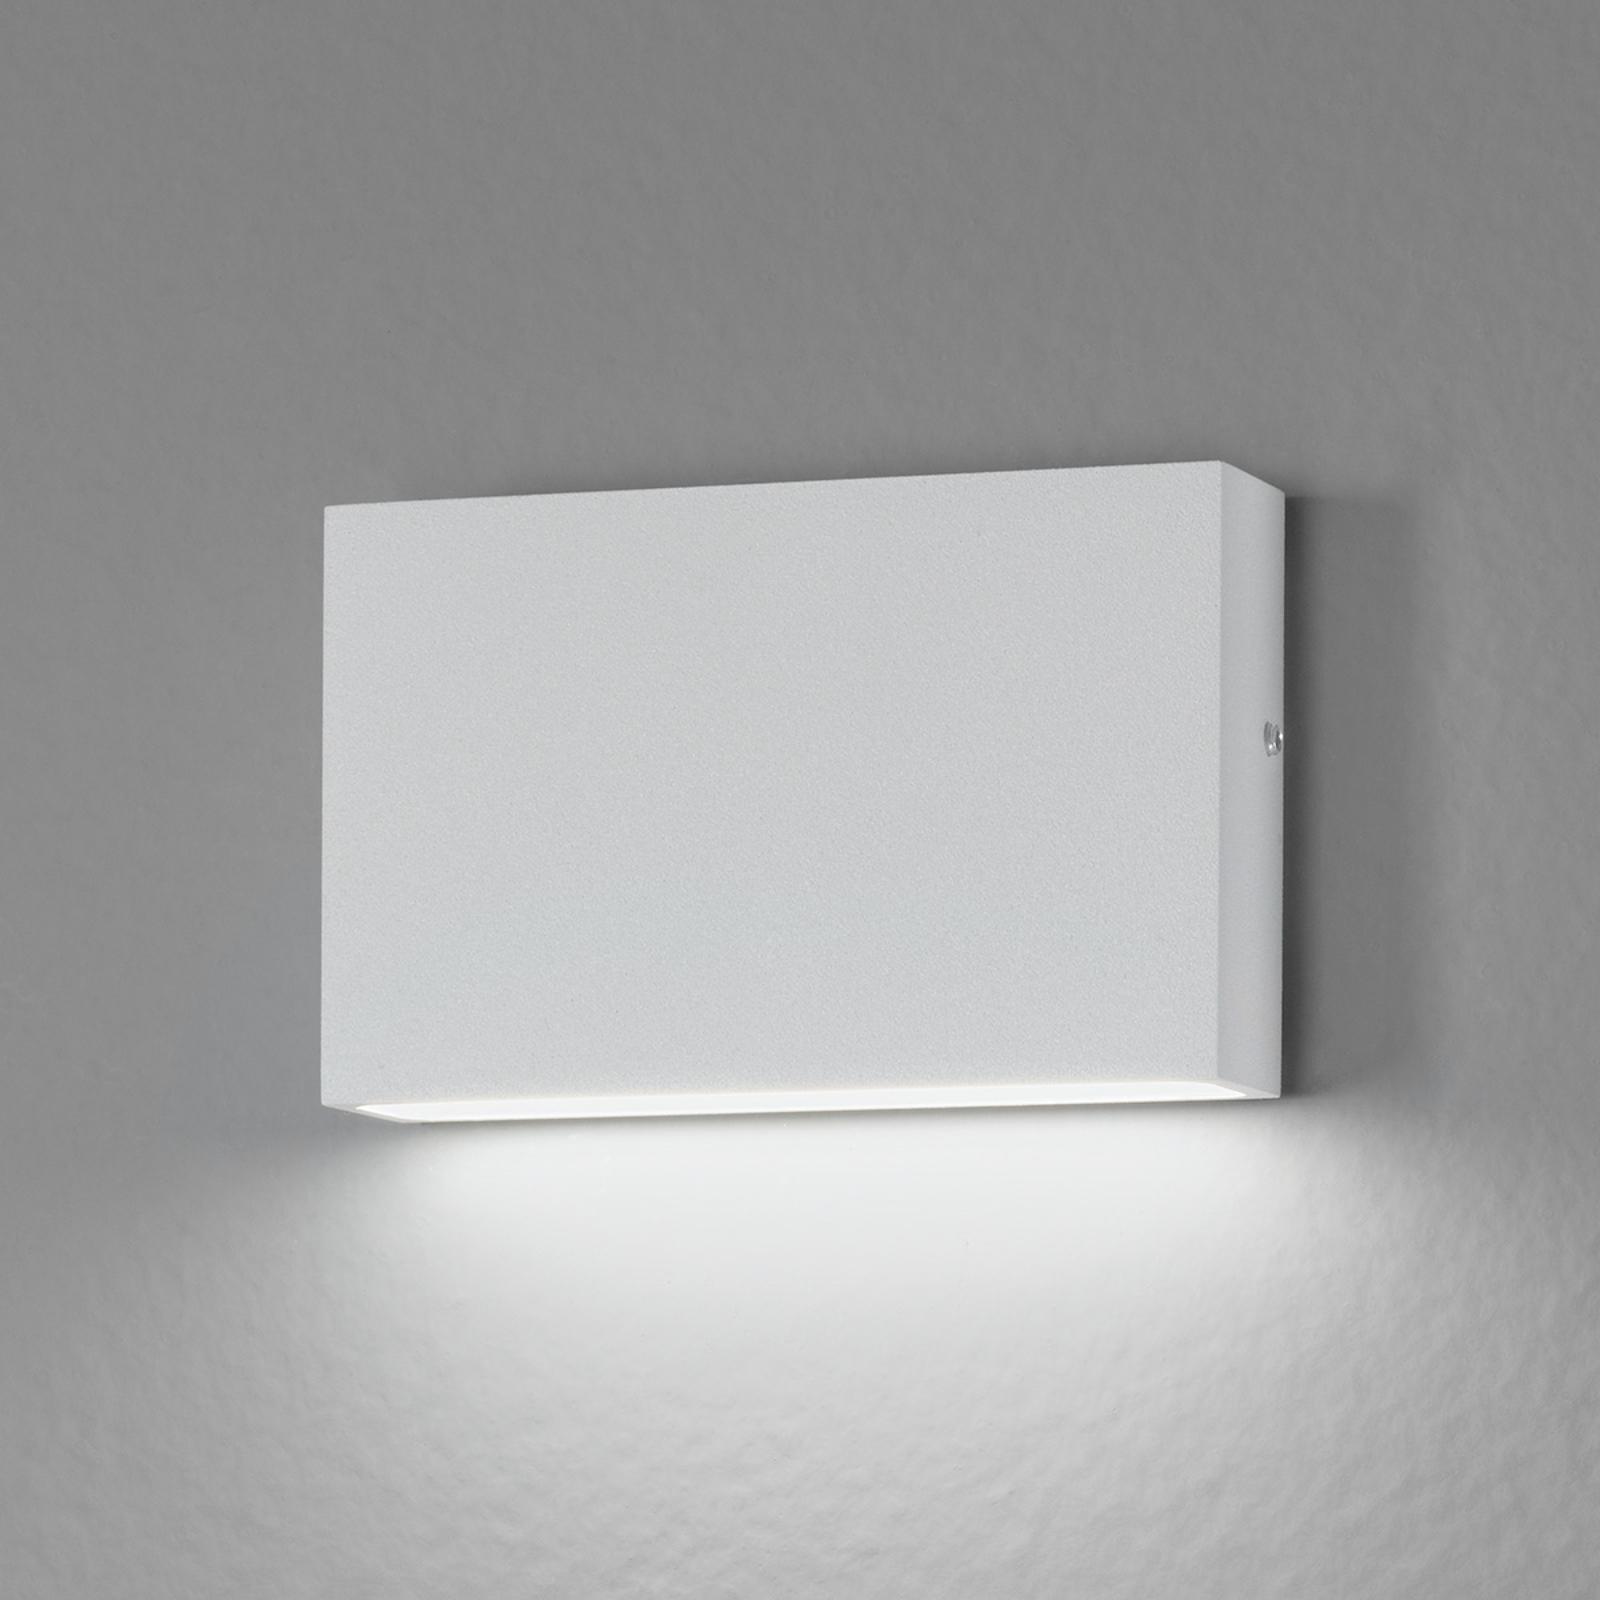 Flatbox LED-væglampe til inden- og udendørs brug